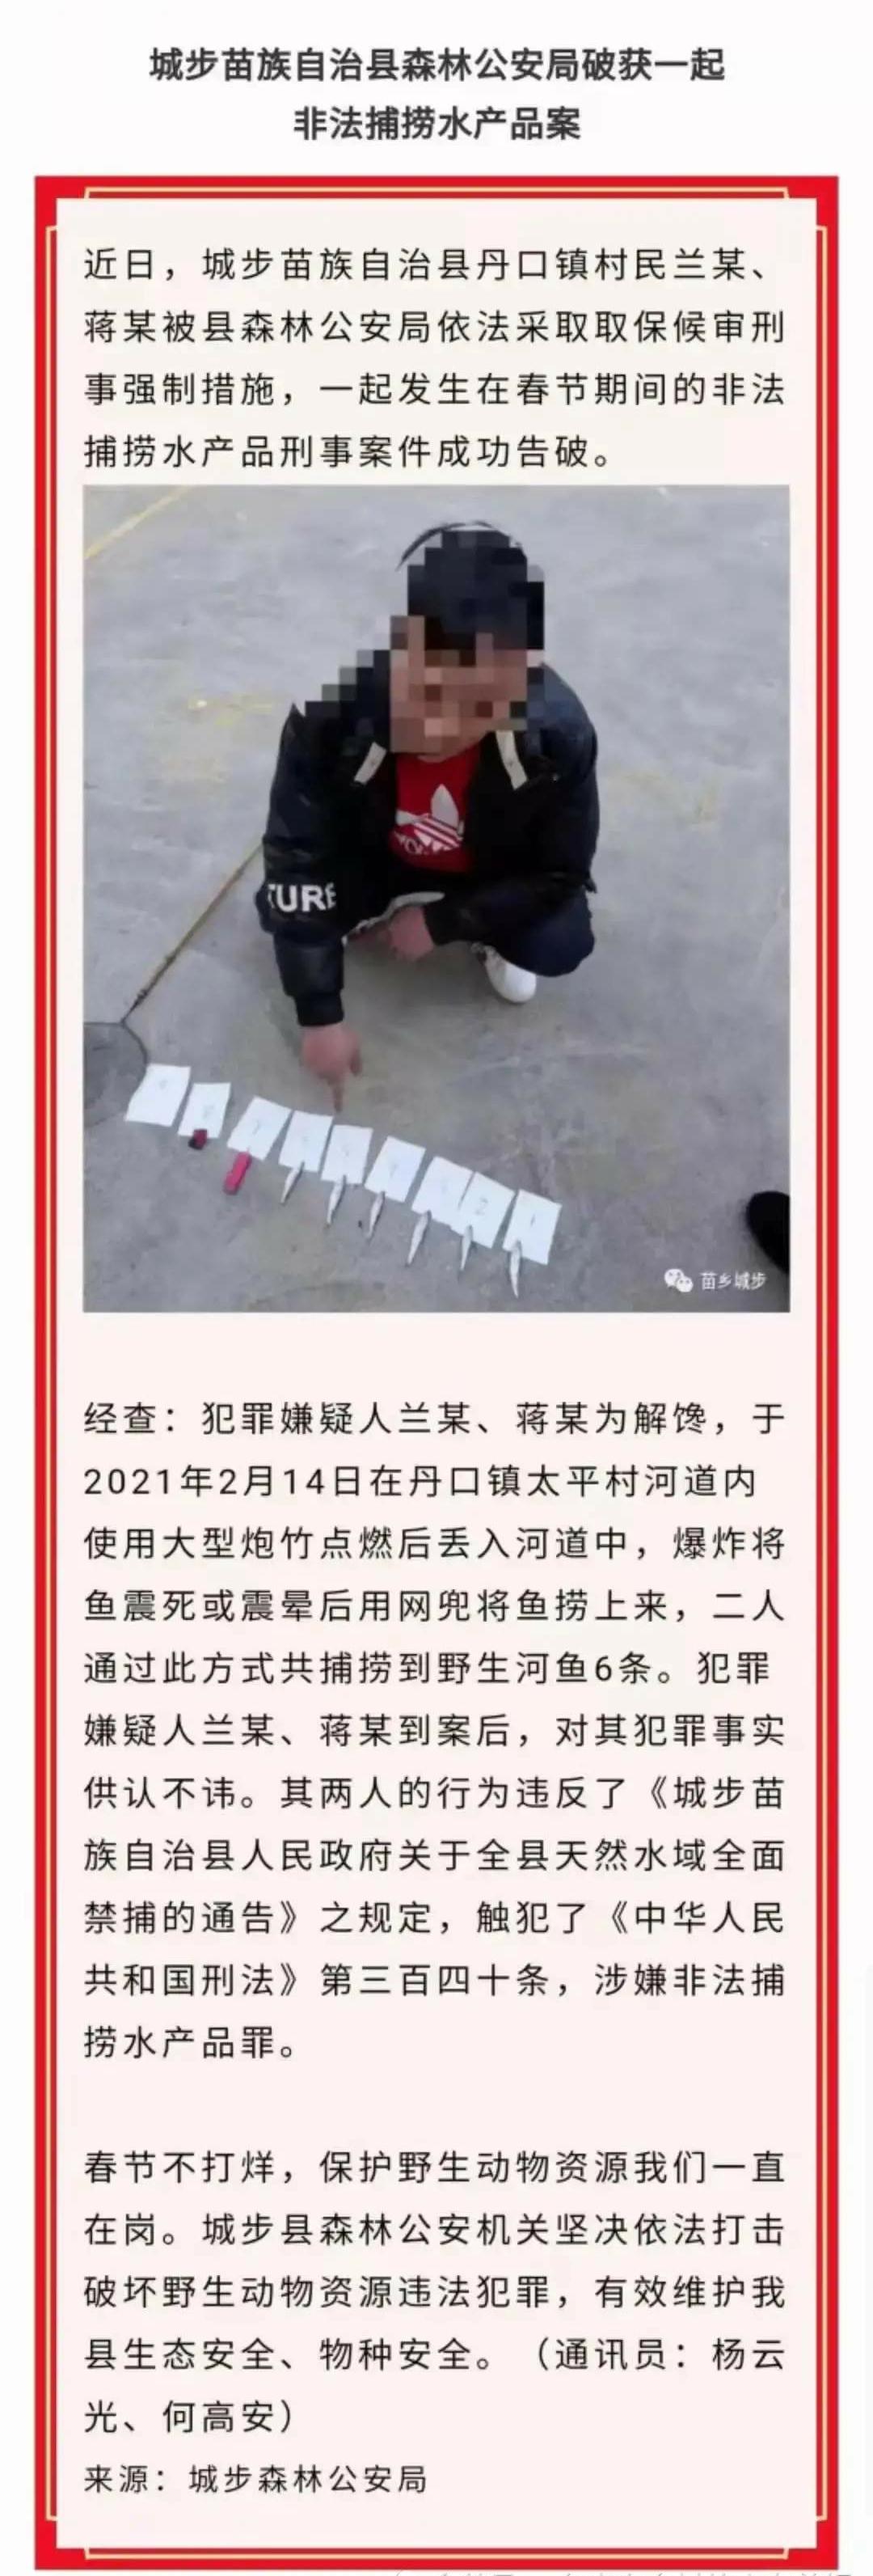 湖南男子用炮竹炸6条小鱼被警方取保候审,非法捕捞水产品罪定罪入刑需慎重